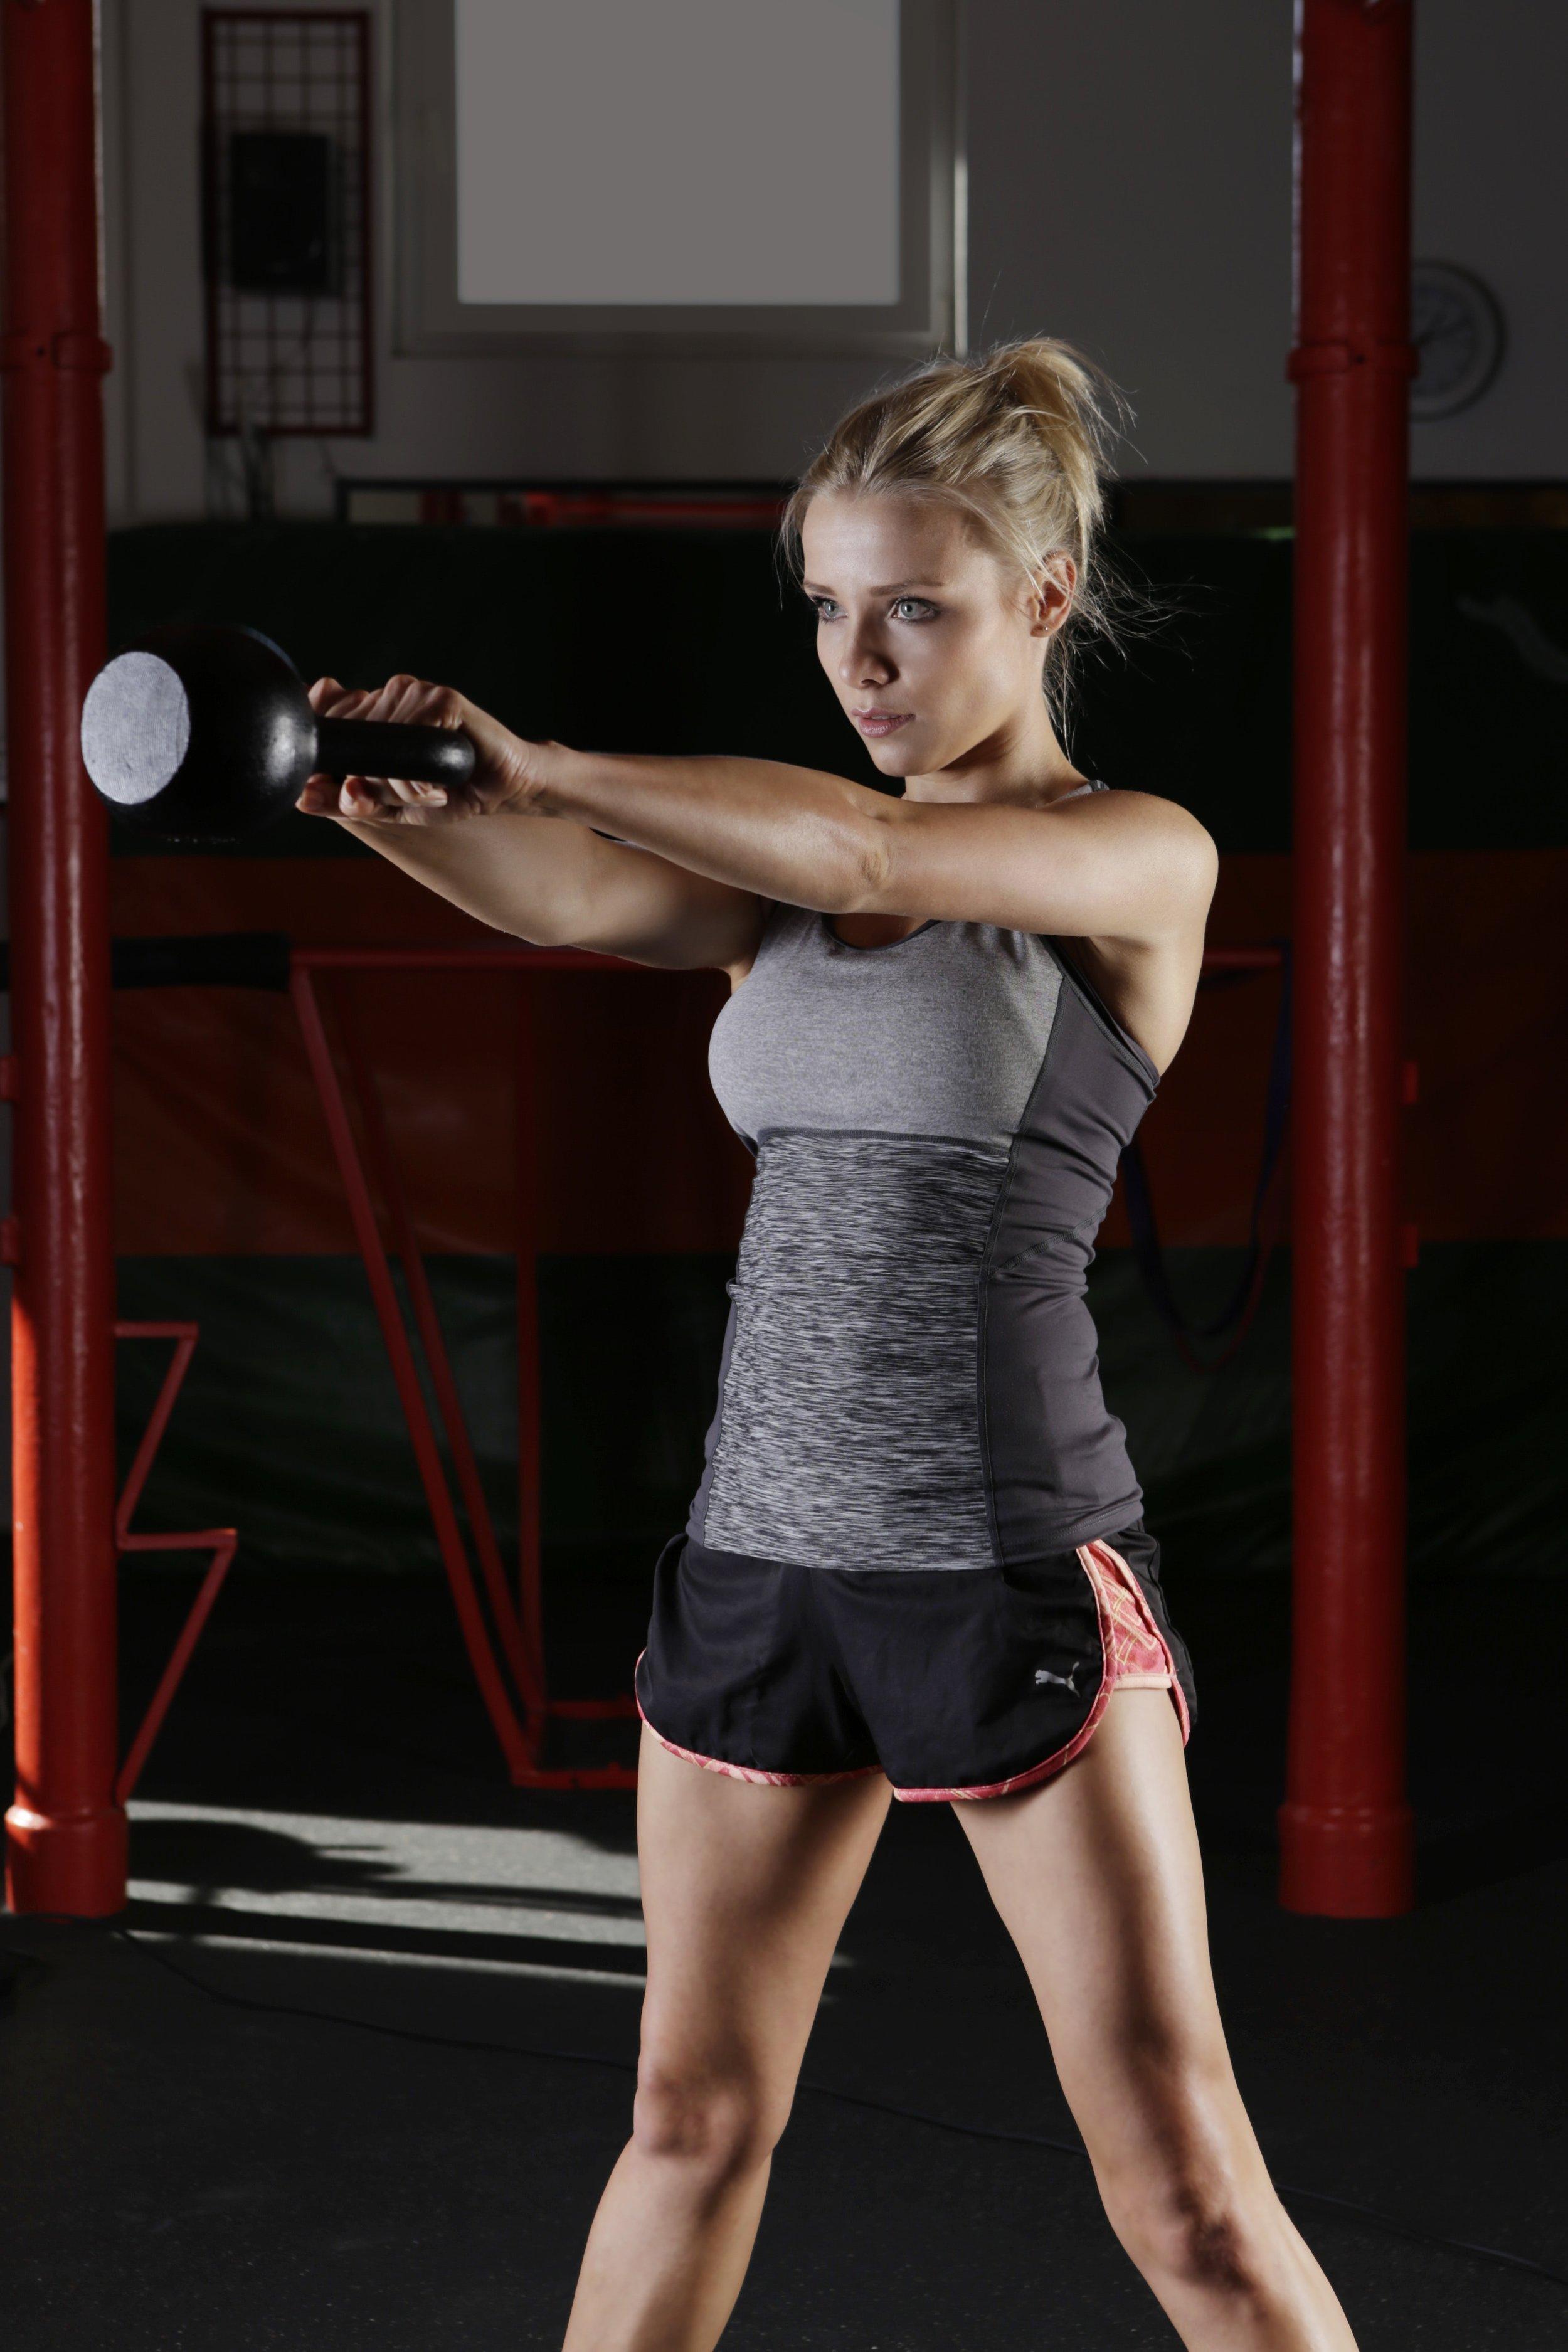 active-adult-biceps-416809.jpg